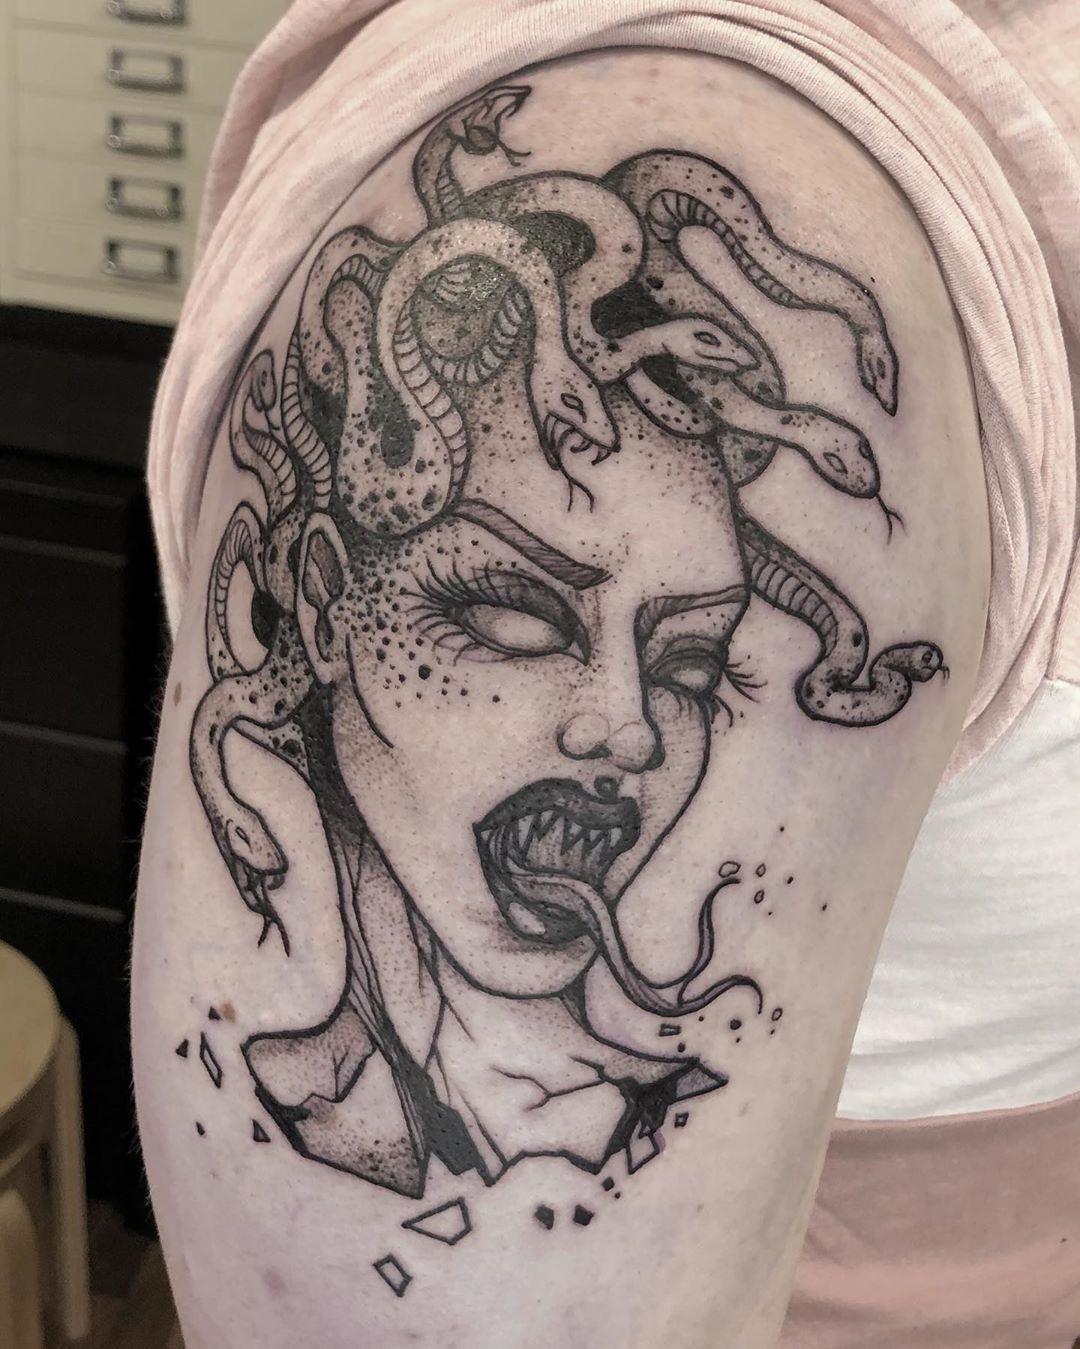 50 Medusa Tattoo Designs For Men and Women,beautiful medusa tattoo,medusa tattoo hand,versace medusa tattoo,medusa tattoo chest